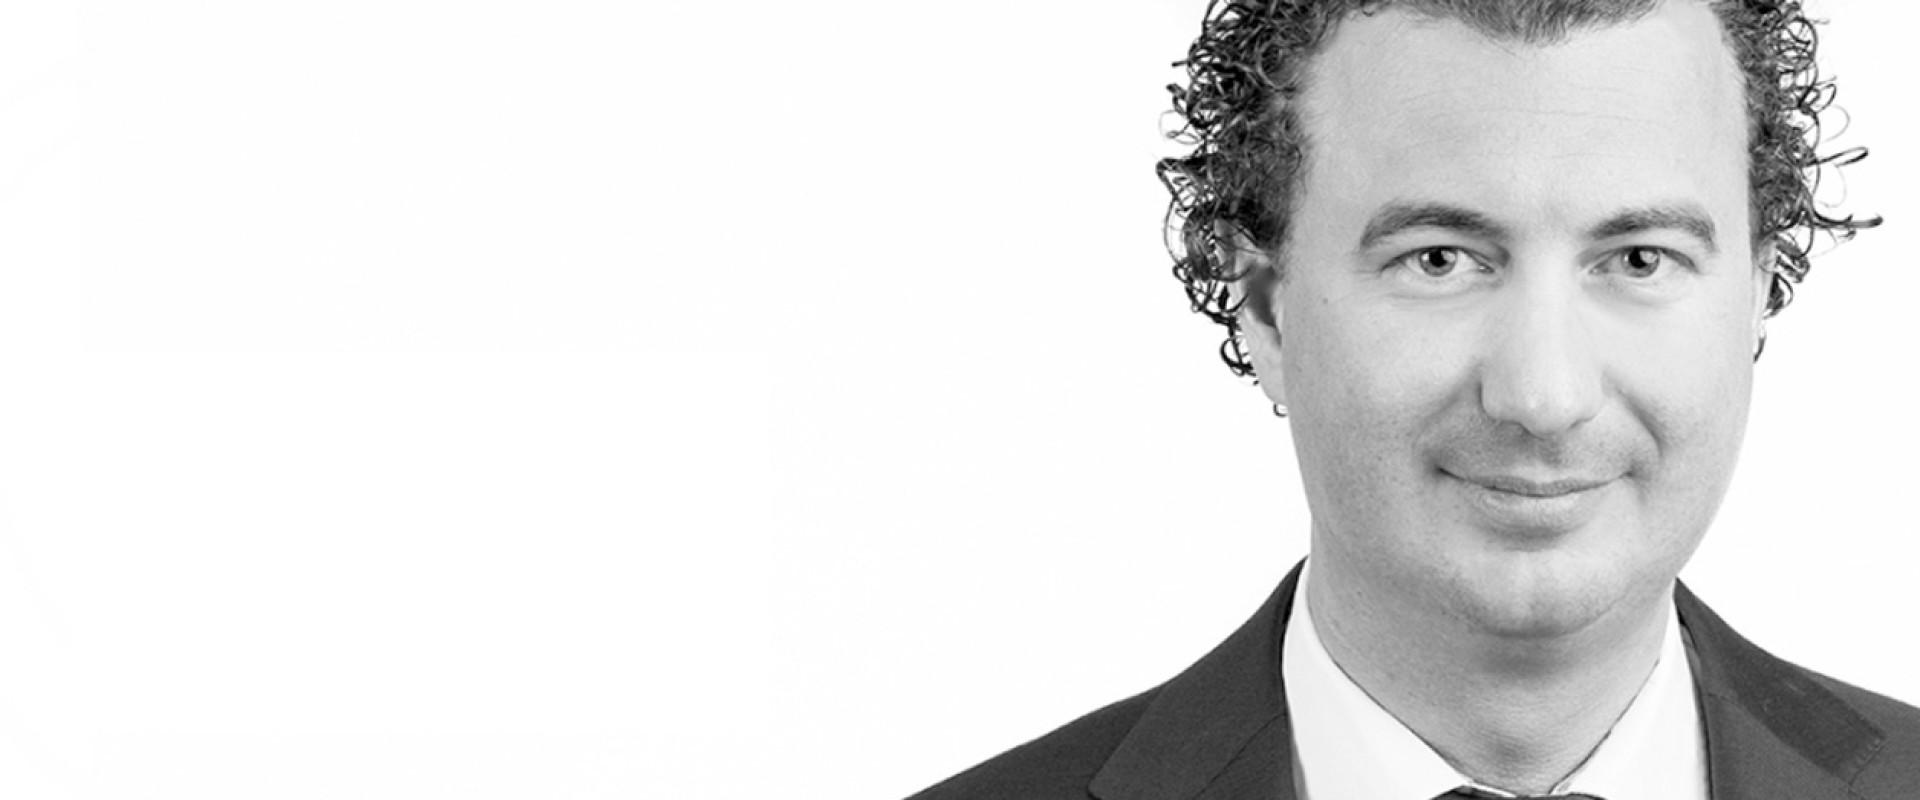 Radio 1: Sander de Lang over de klachtprocedure in MH17